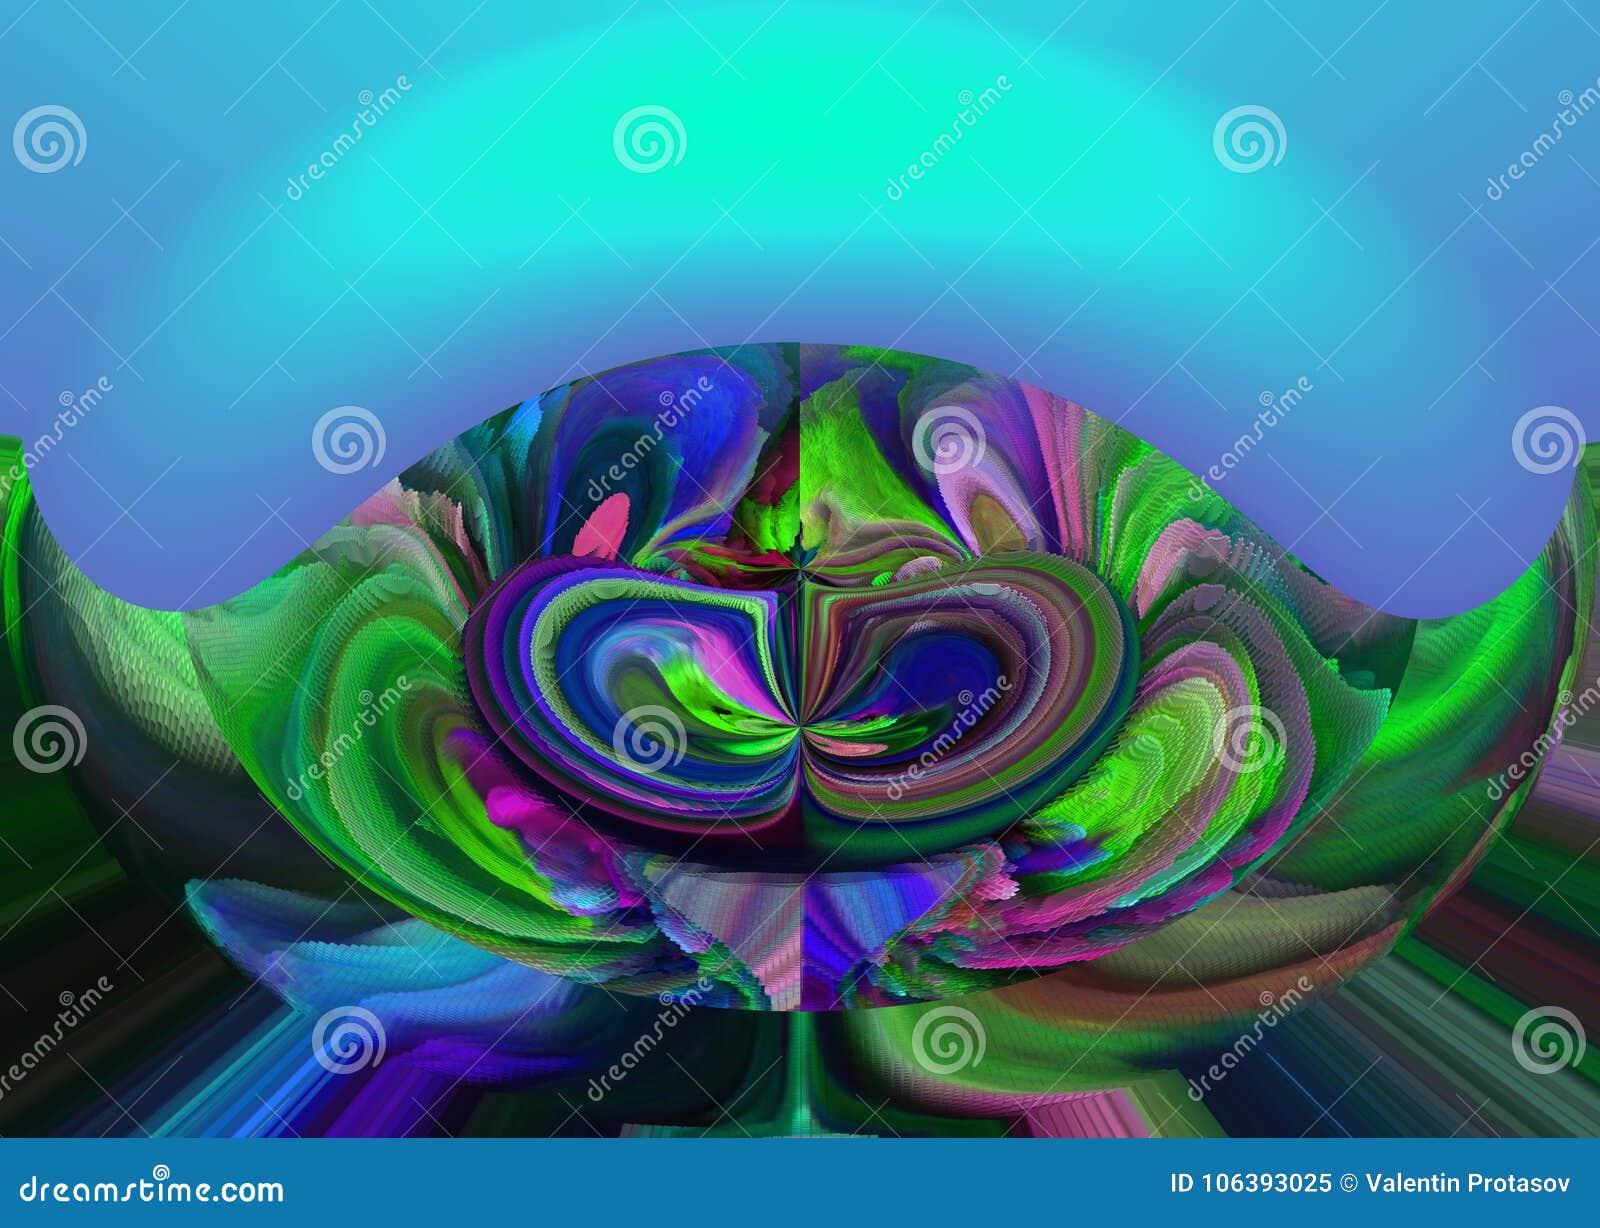 абстракция Аннотация картина изображение текстура текстурировано уникальность abstinent abstemious текстуры цветасто Цвета Grap